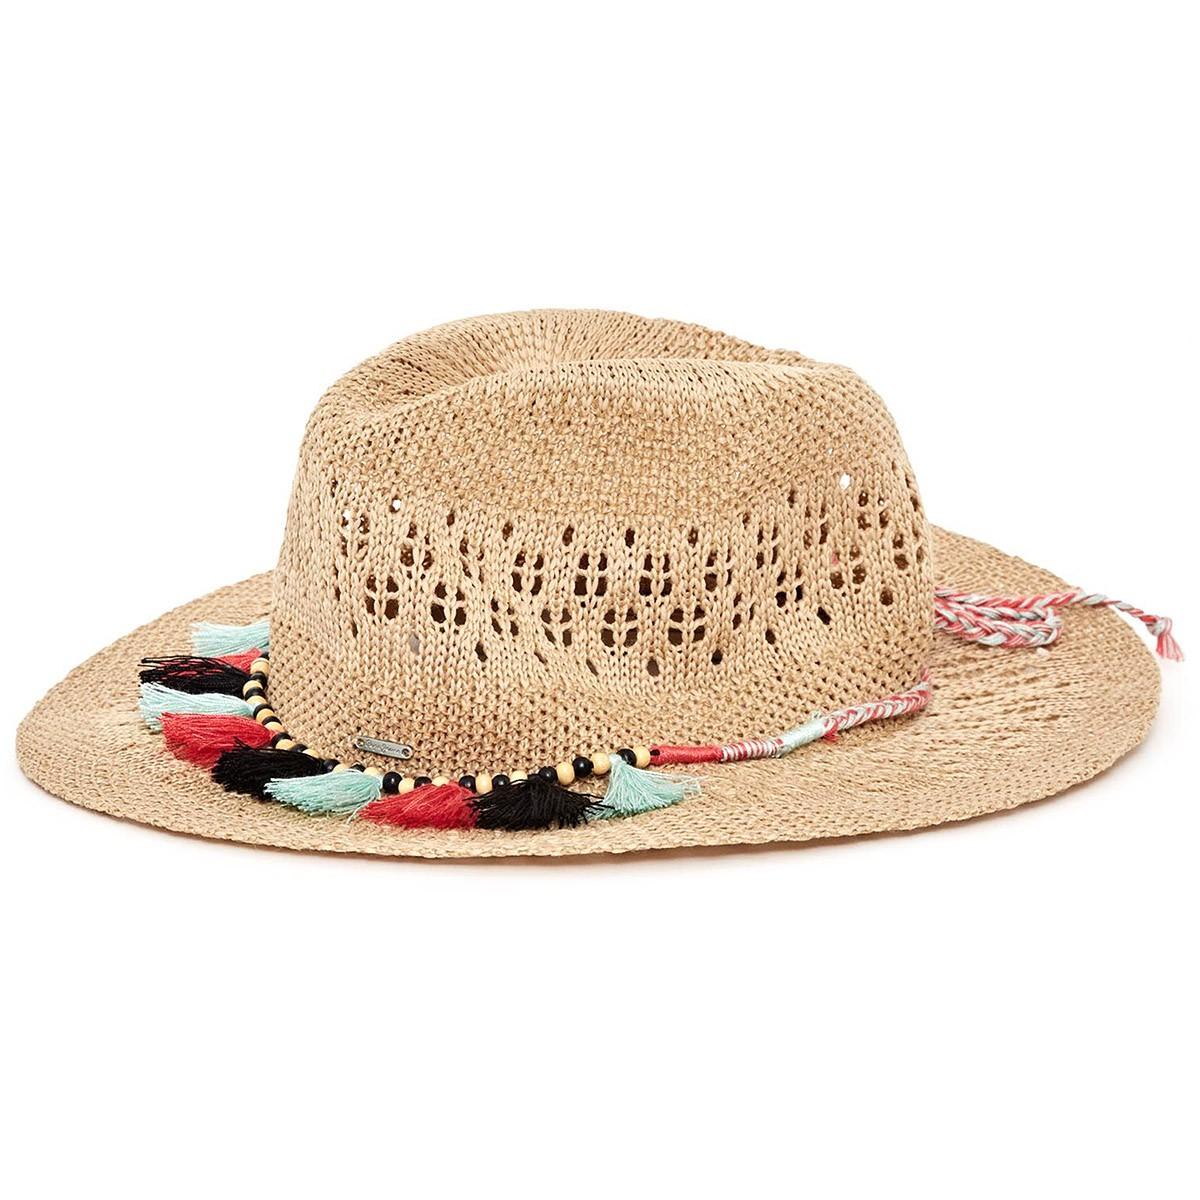 Pepe Jeans Sherry šešir Spremna za leto: Evo gde možeš da pronađeš baš sve što ti je potrebno!